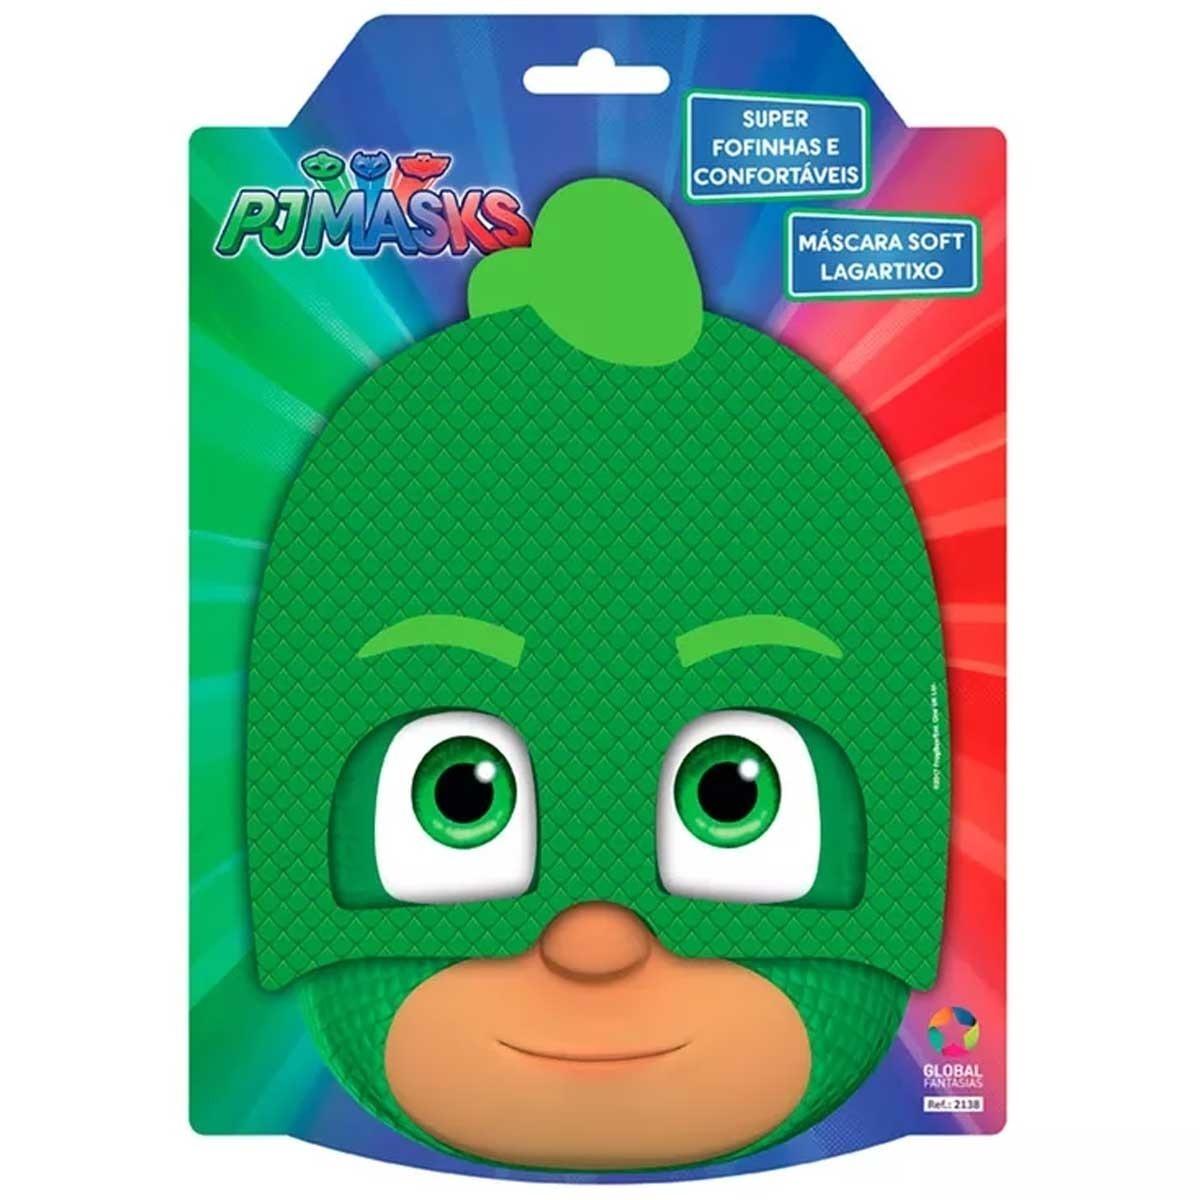 Mascara Pj Masks Lagartixo Soft Global Original R 24 99 Em